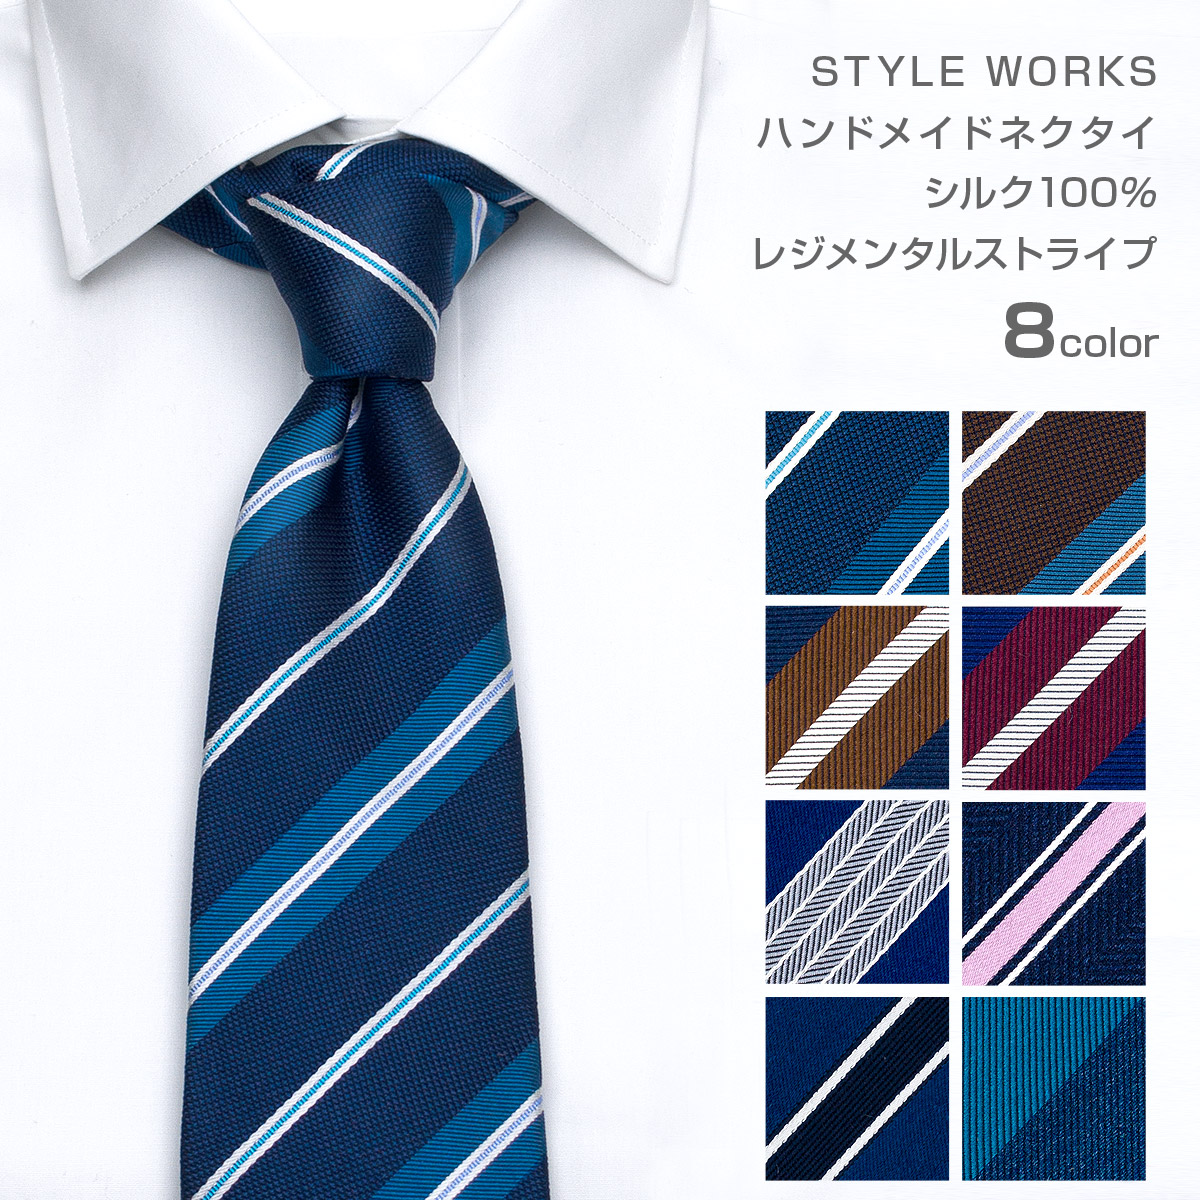 STYLE WORKS ネクタイ 春夏秋冬 日本製 ハンドメイド シルク100% レジメンタルストライプ 8カラー(rst9)